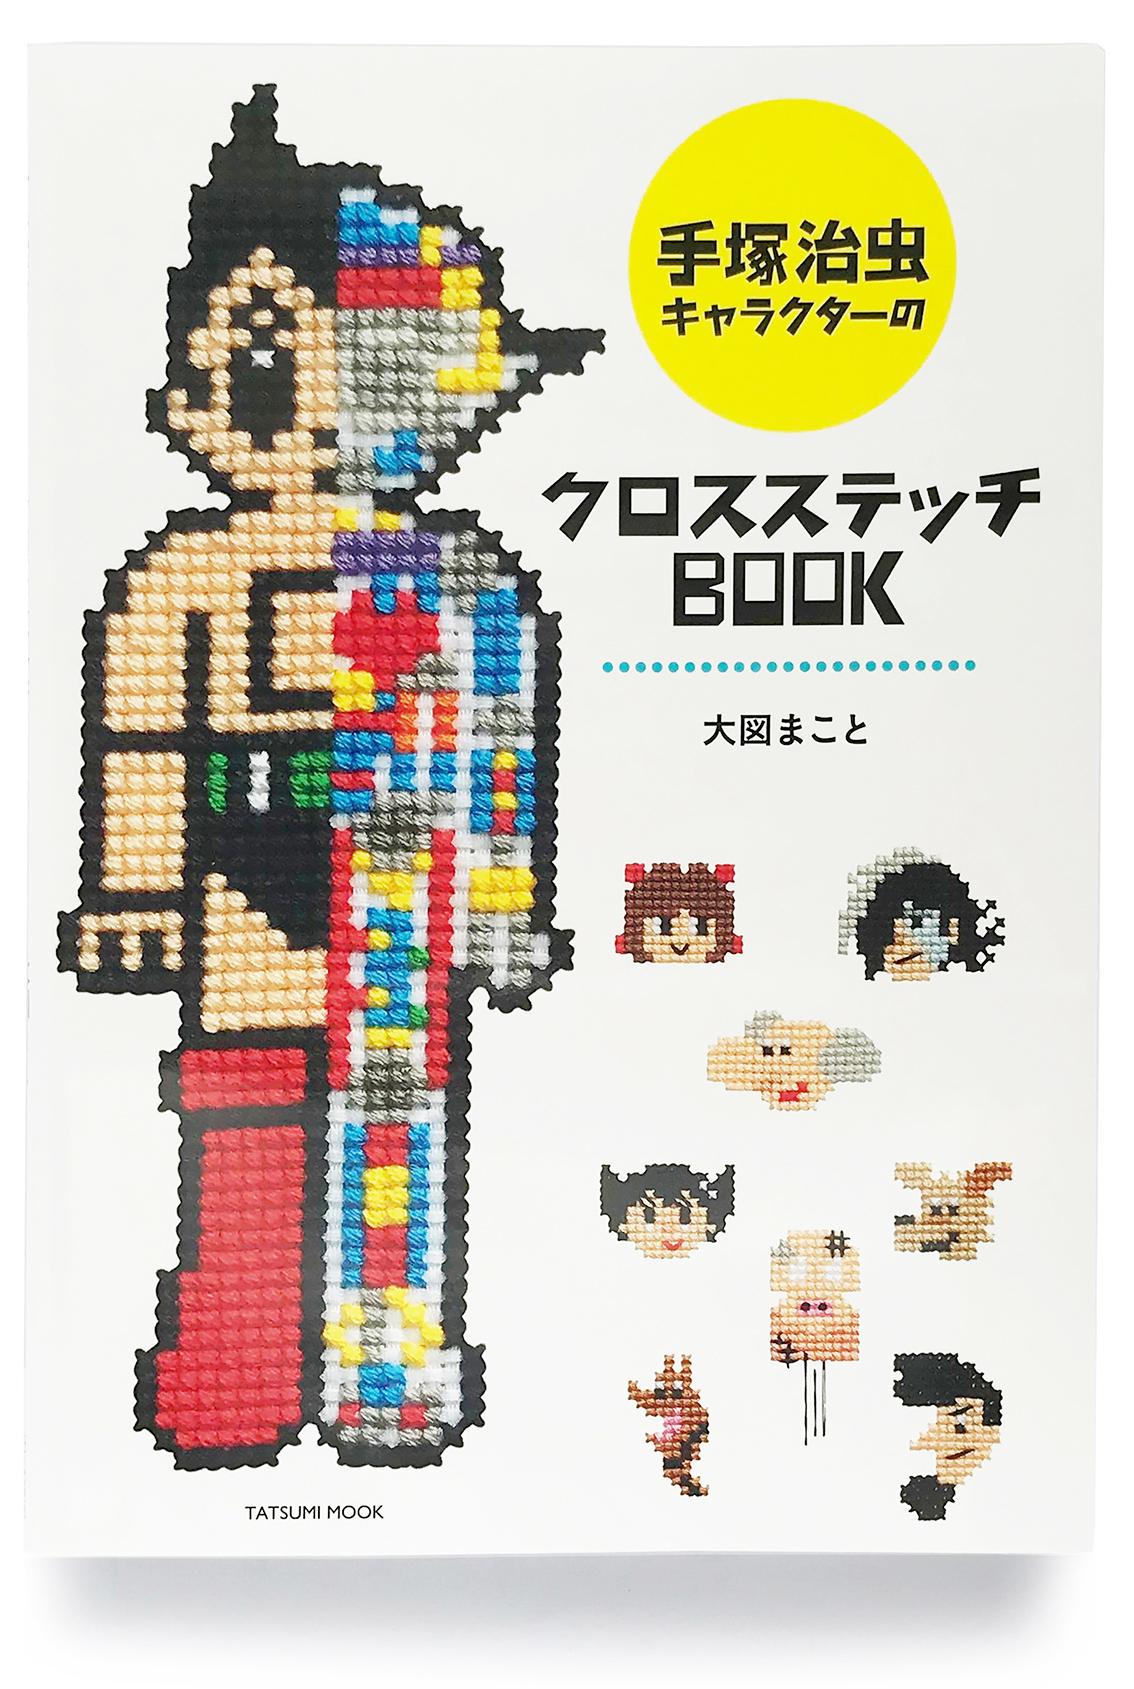 『手塚治虫キャラクターのクロスステッチBOOK』 1